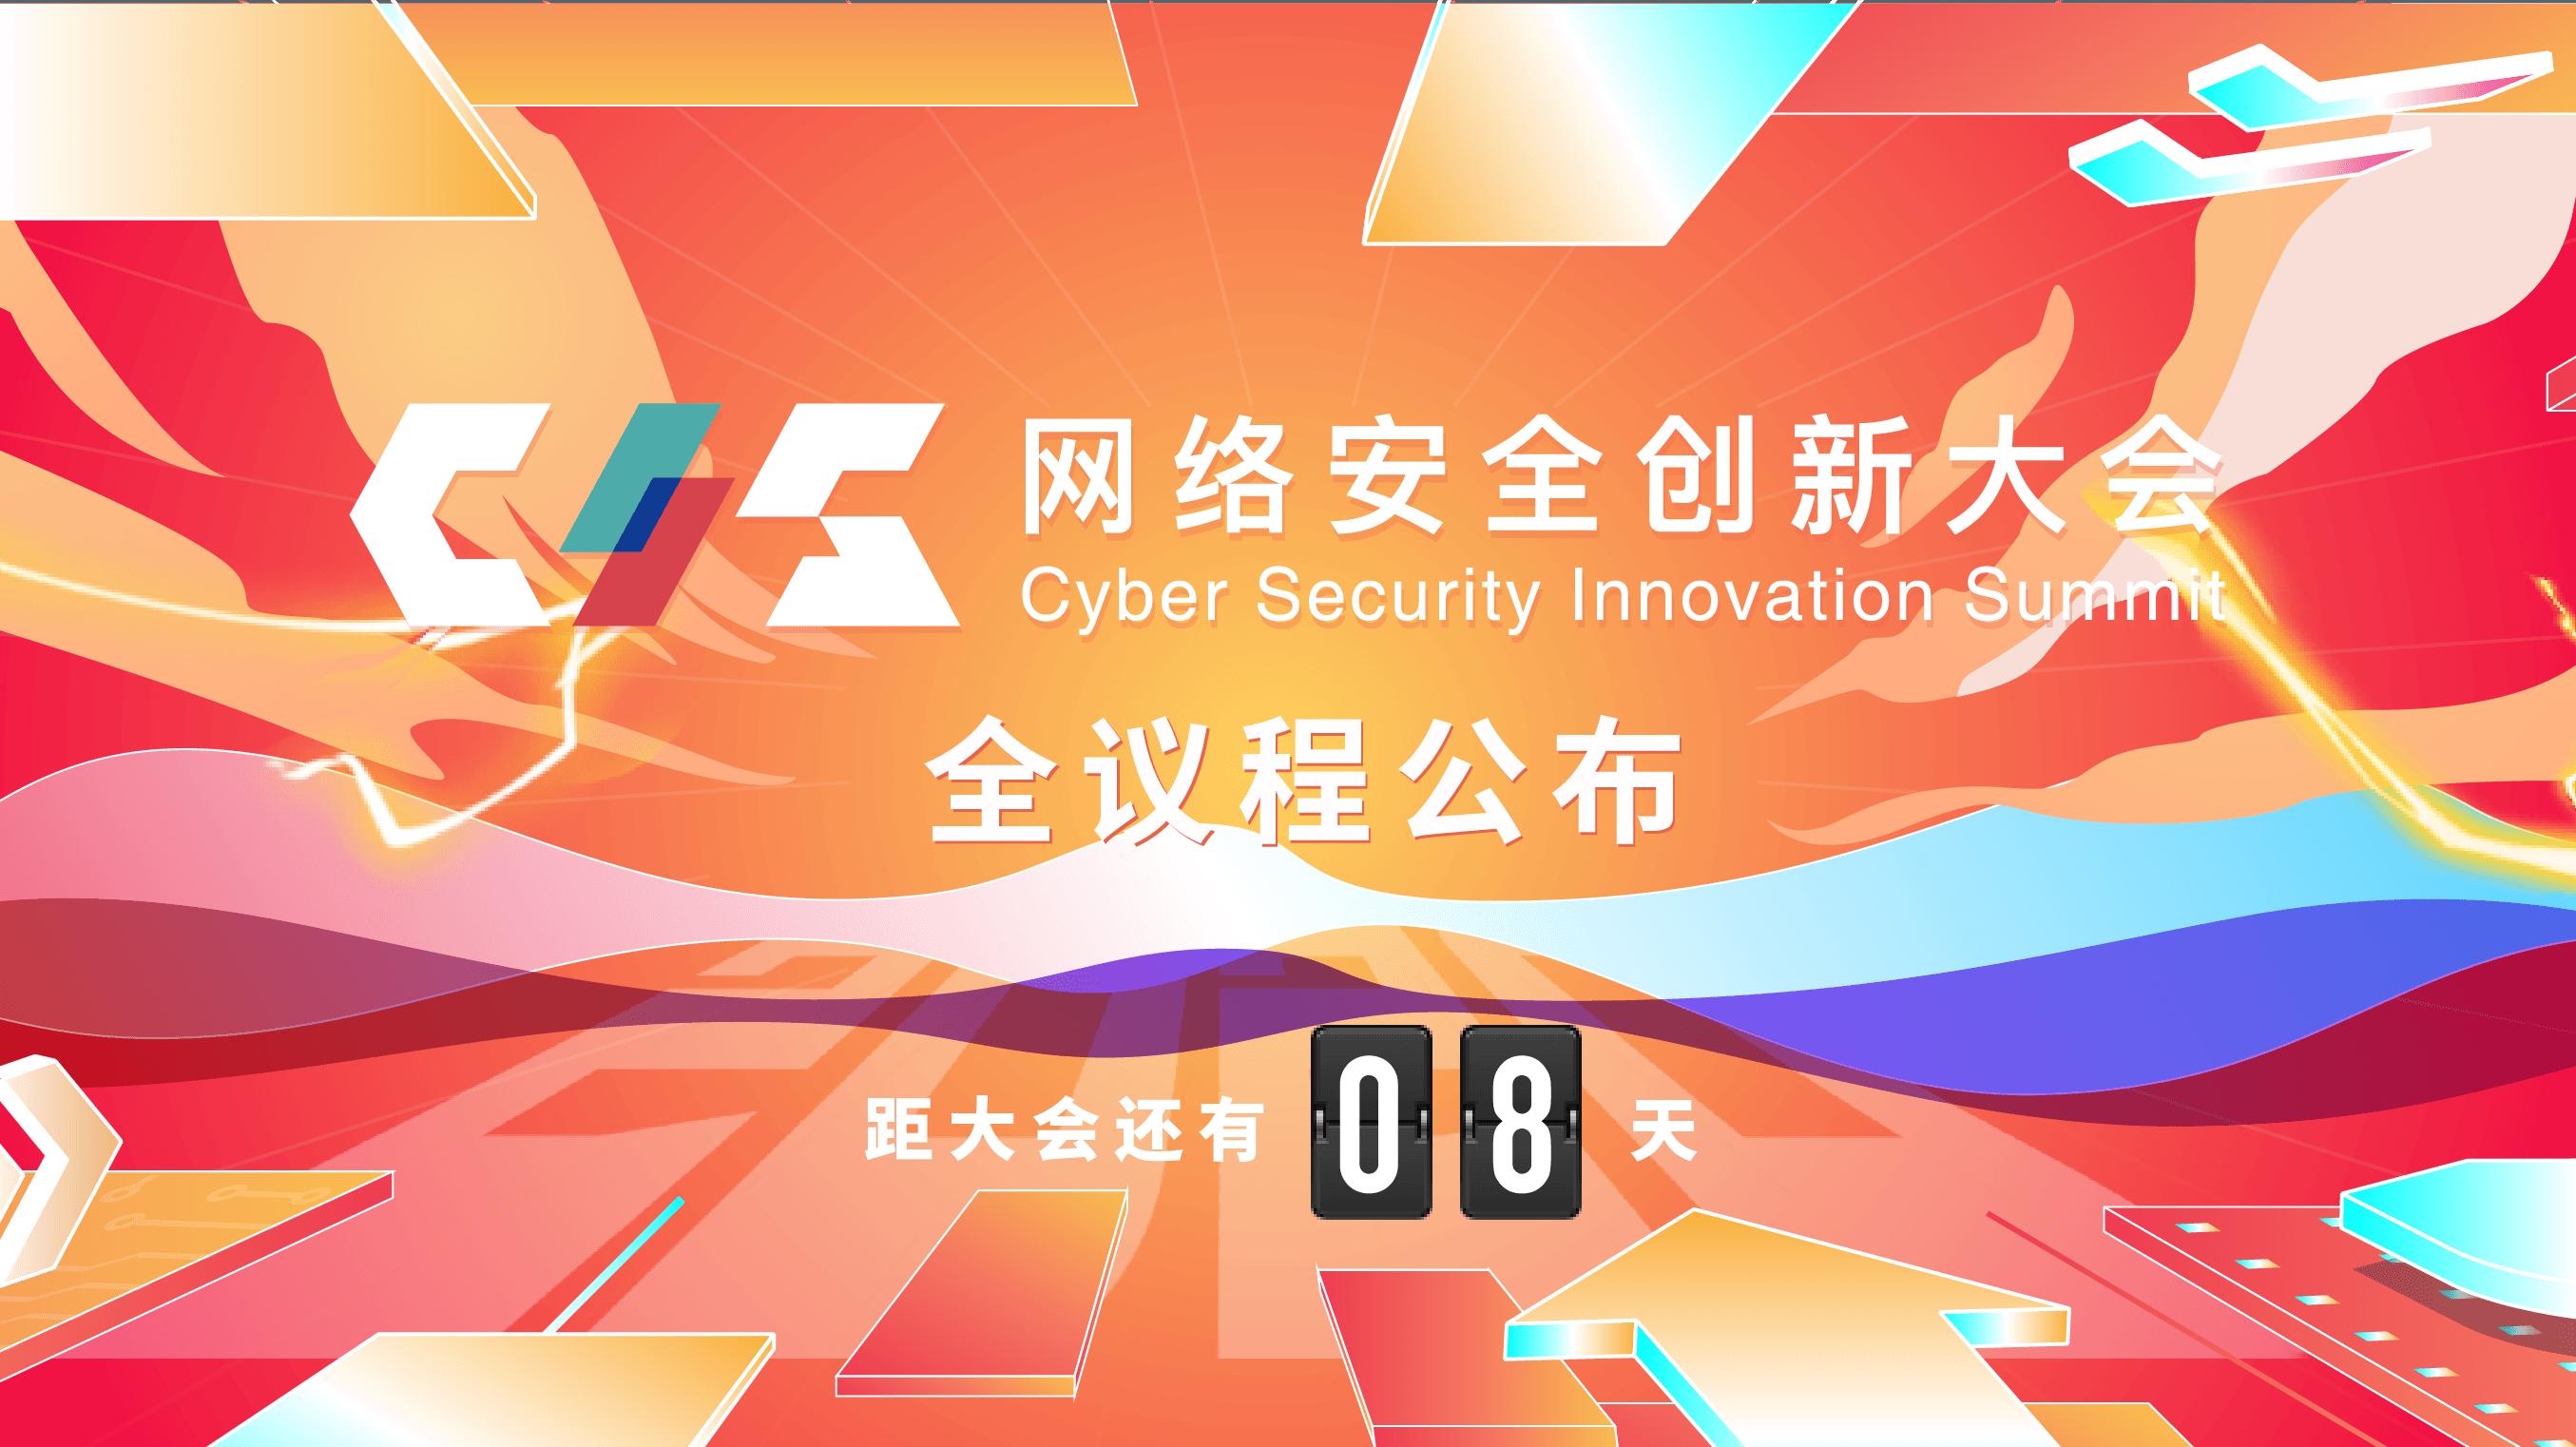 全议程公布!CIS 2020大会期待与你年末上海相聚